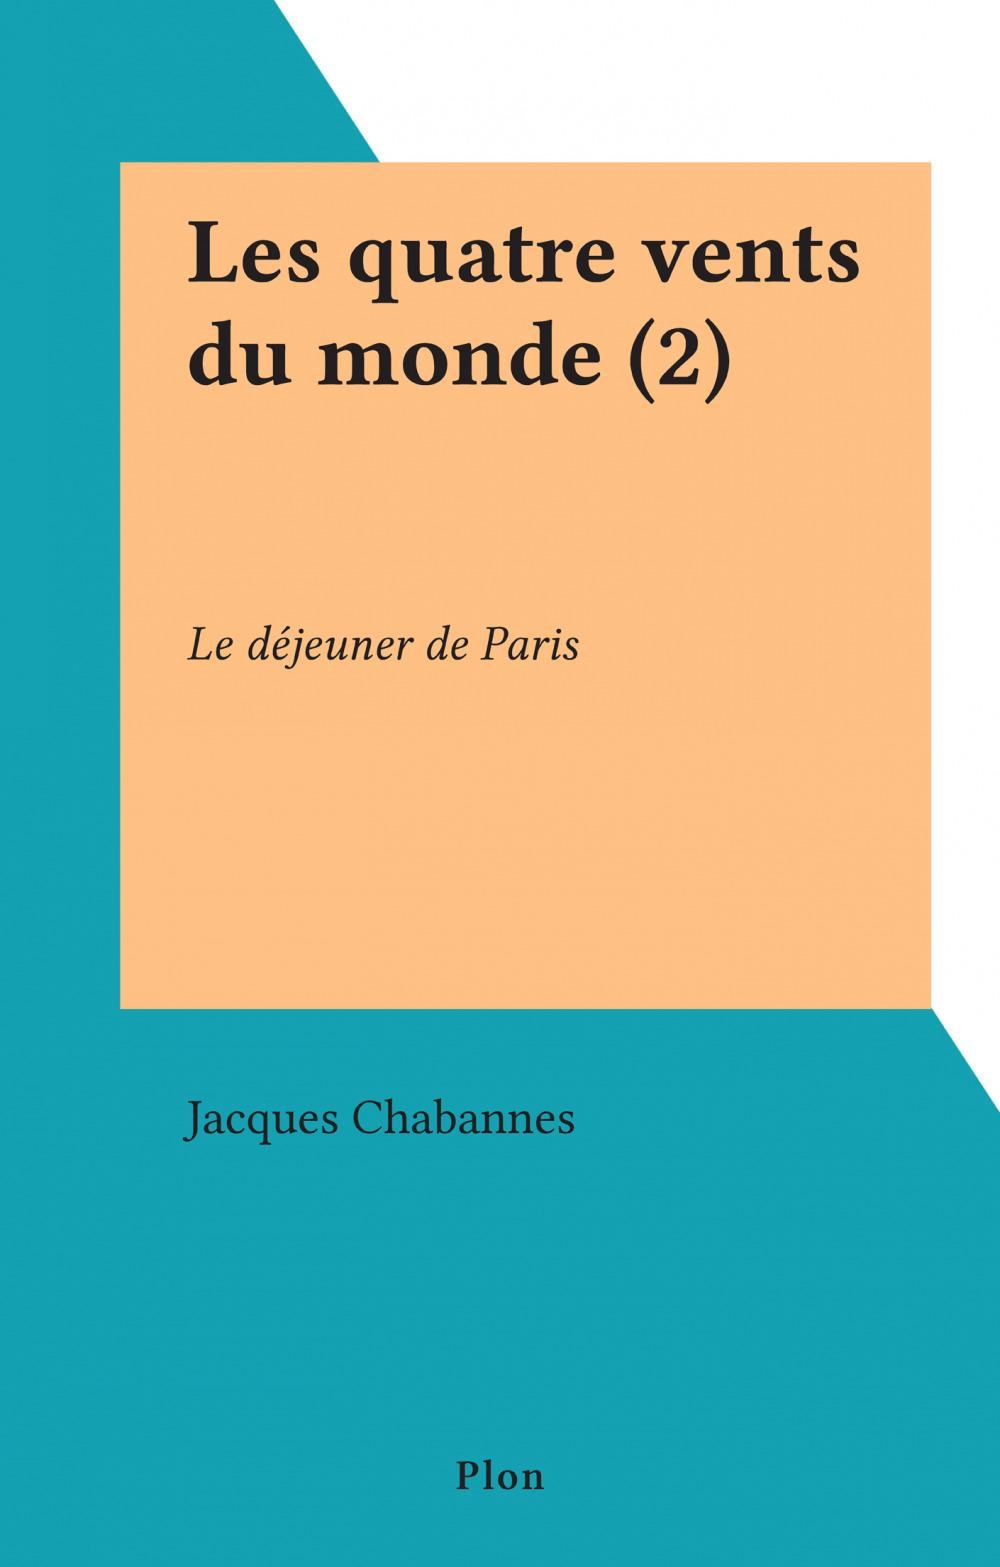 Les quatre vents du monde (2)  - Jacques Chabannes